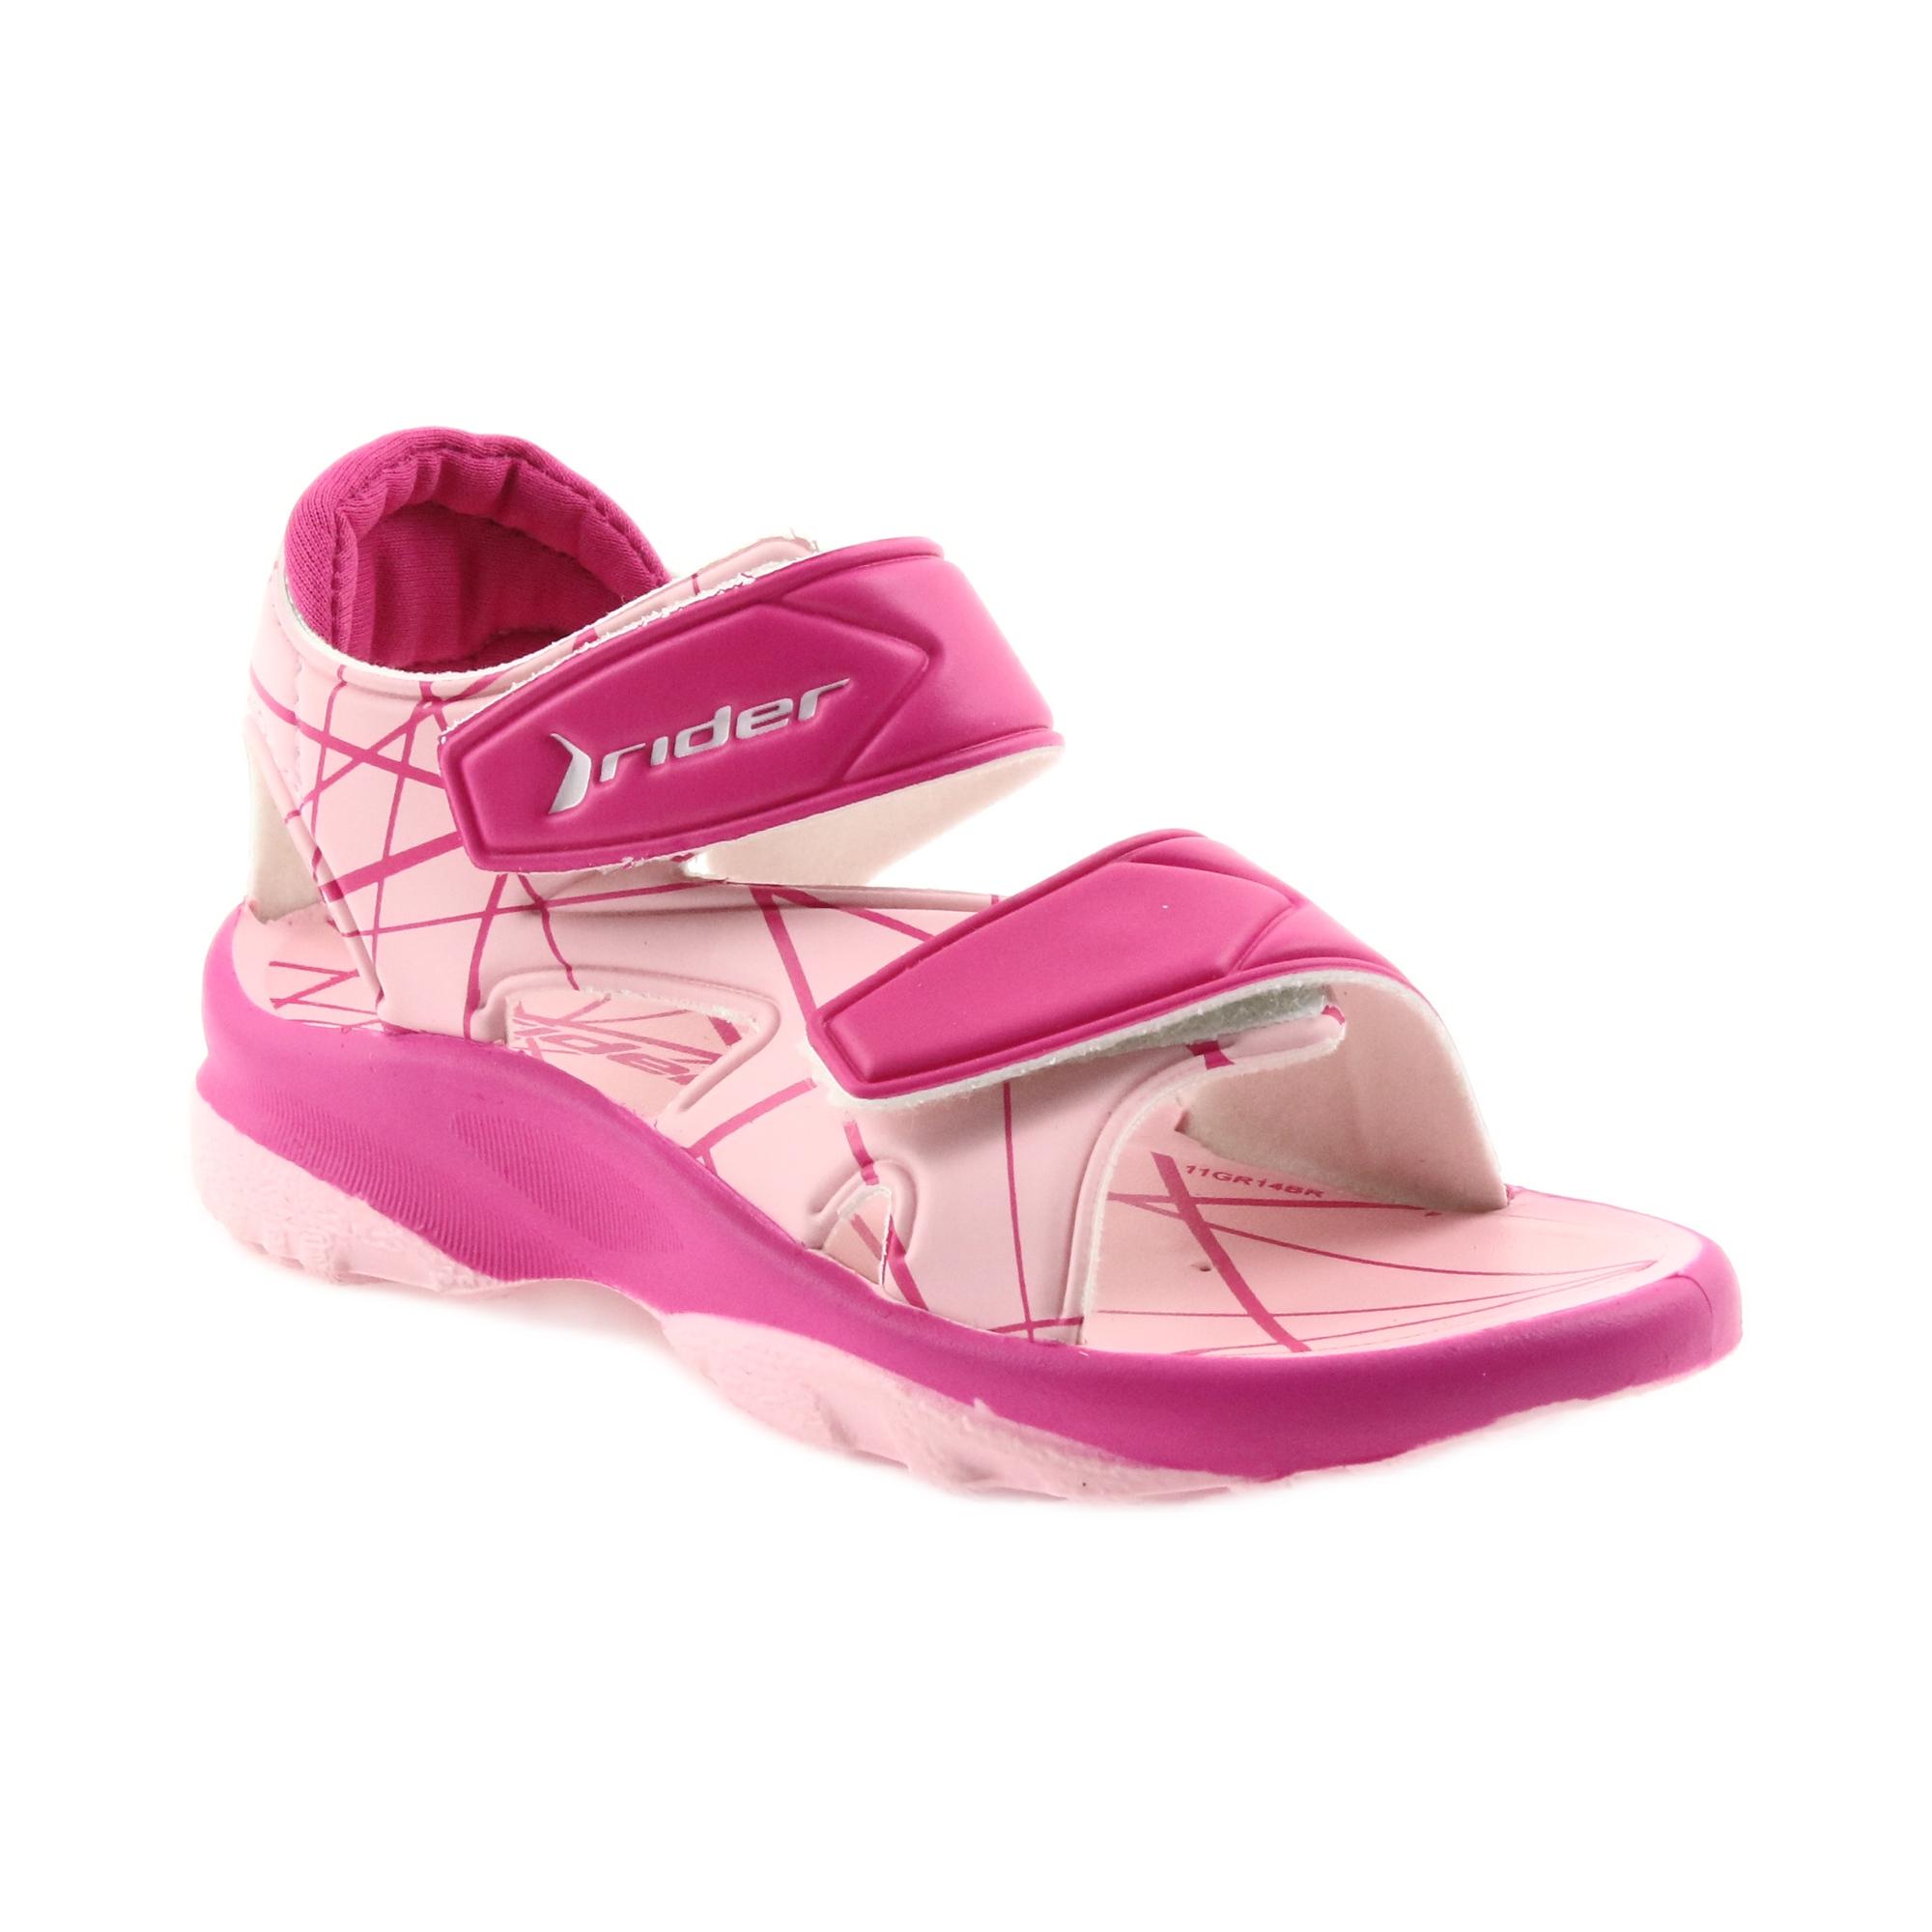 Rózsaszín szandál gyermek tépőzáras cipő Rider 488 vízhez